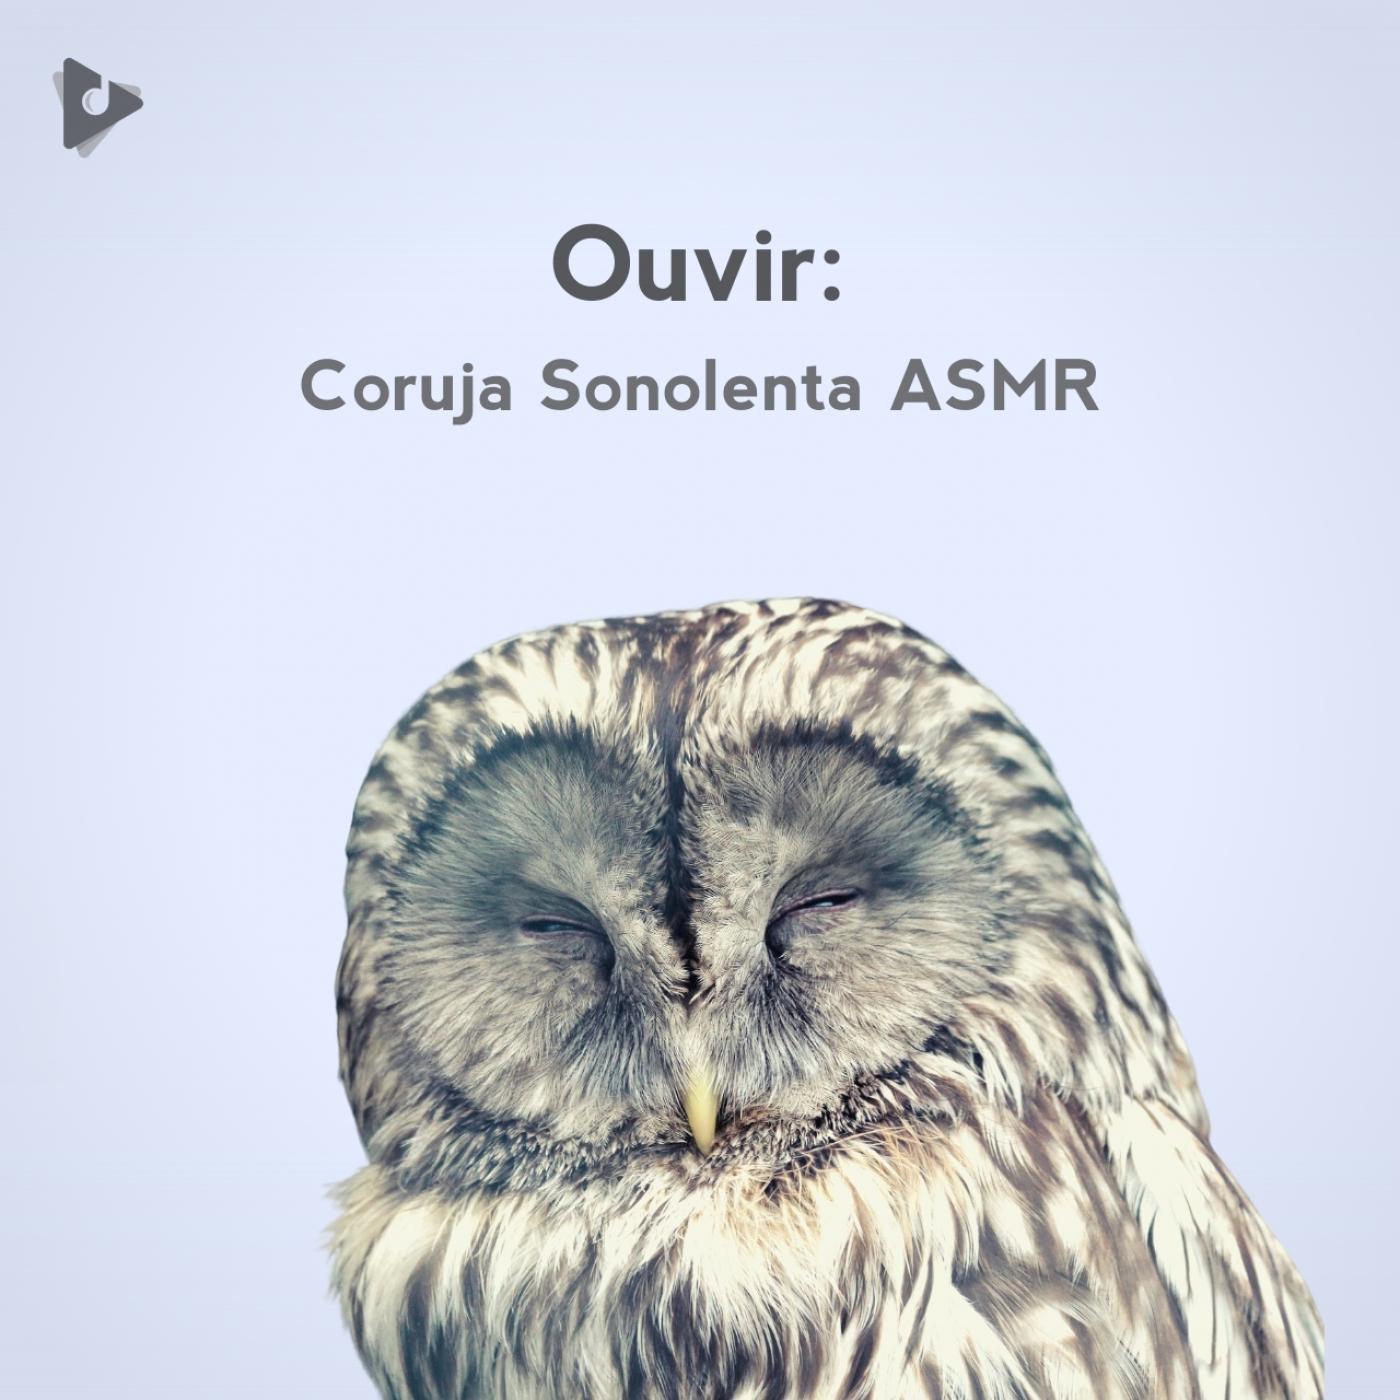 Ouvir: Coruja Sonolenta ASMR